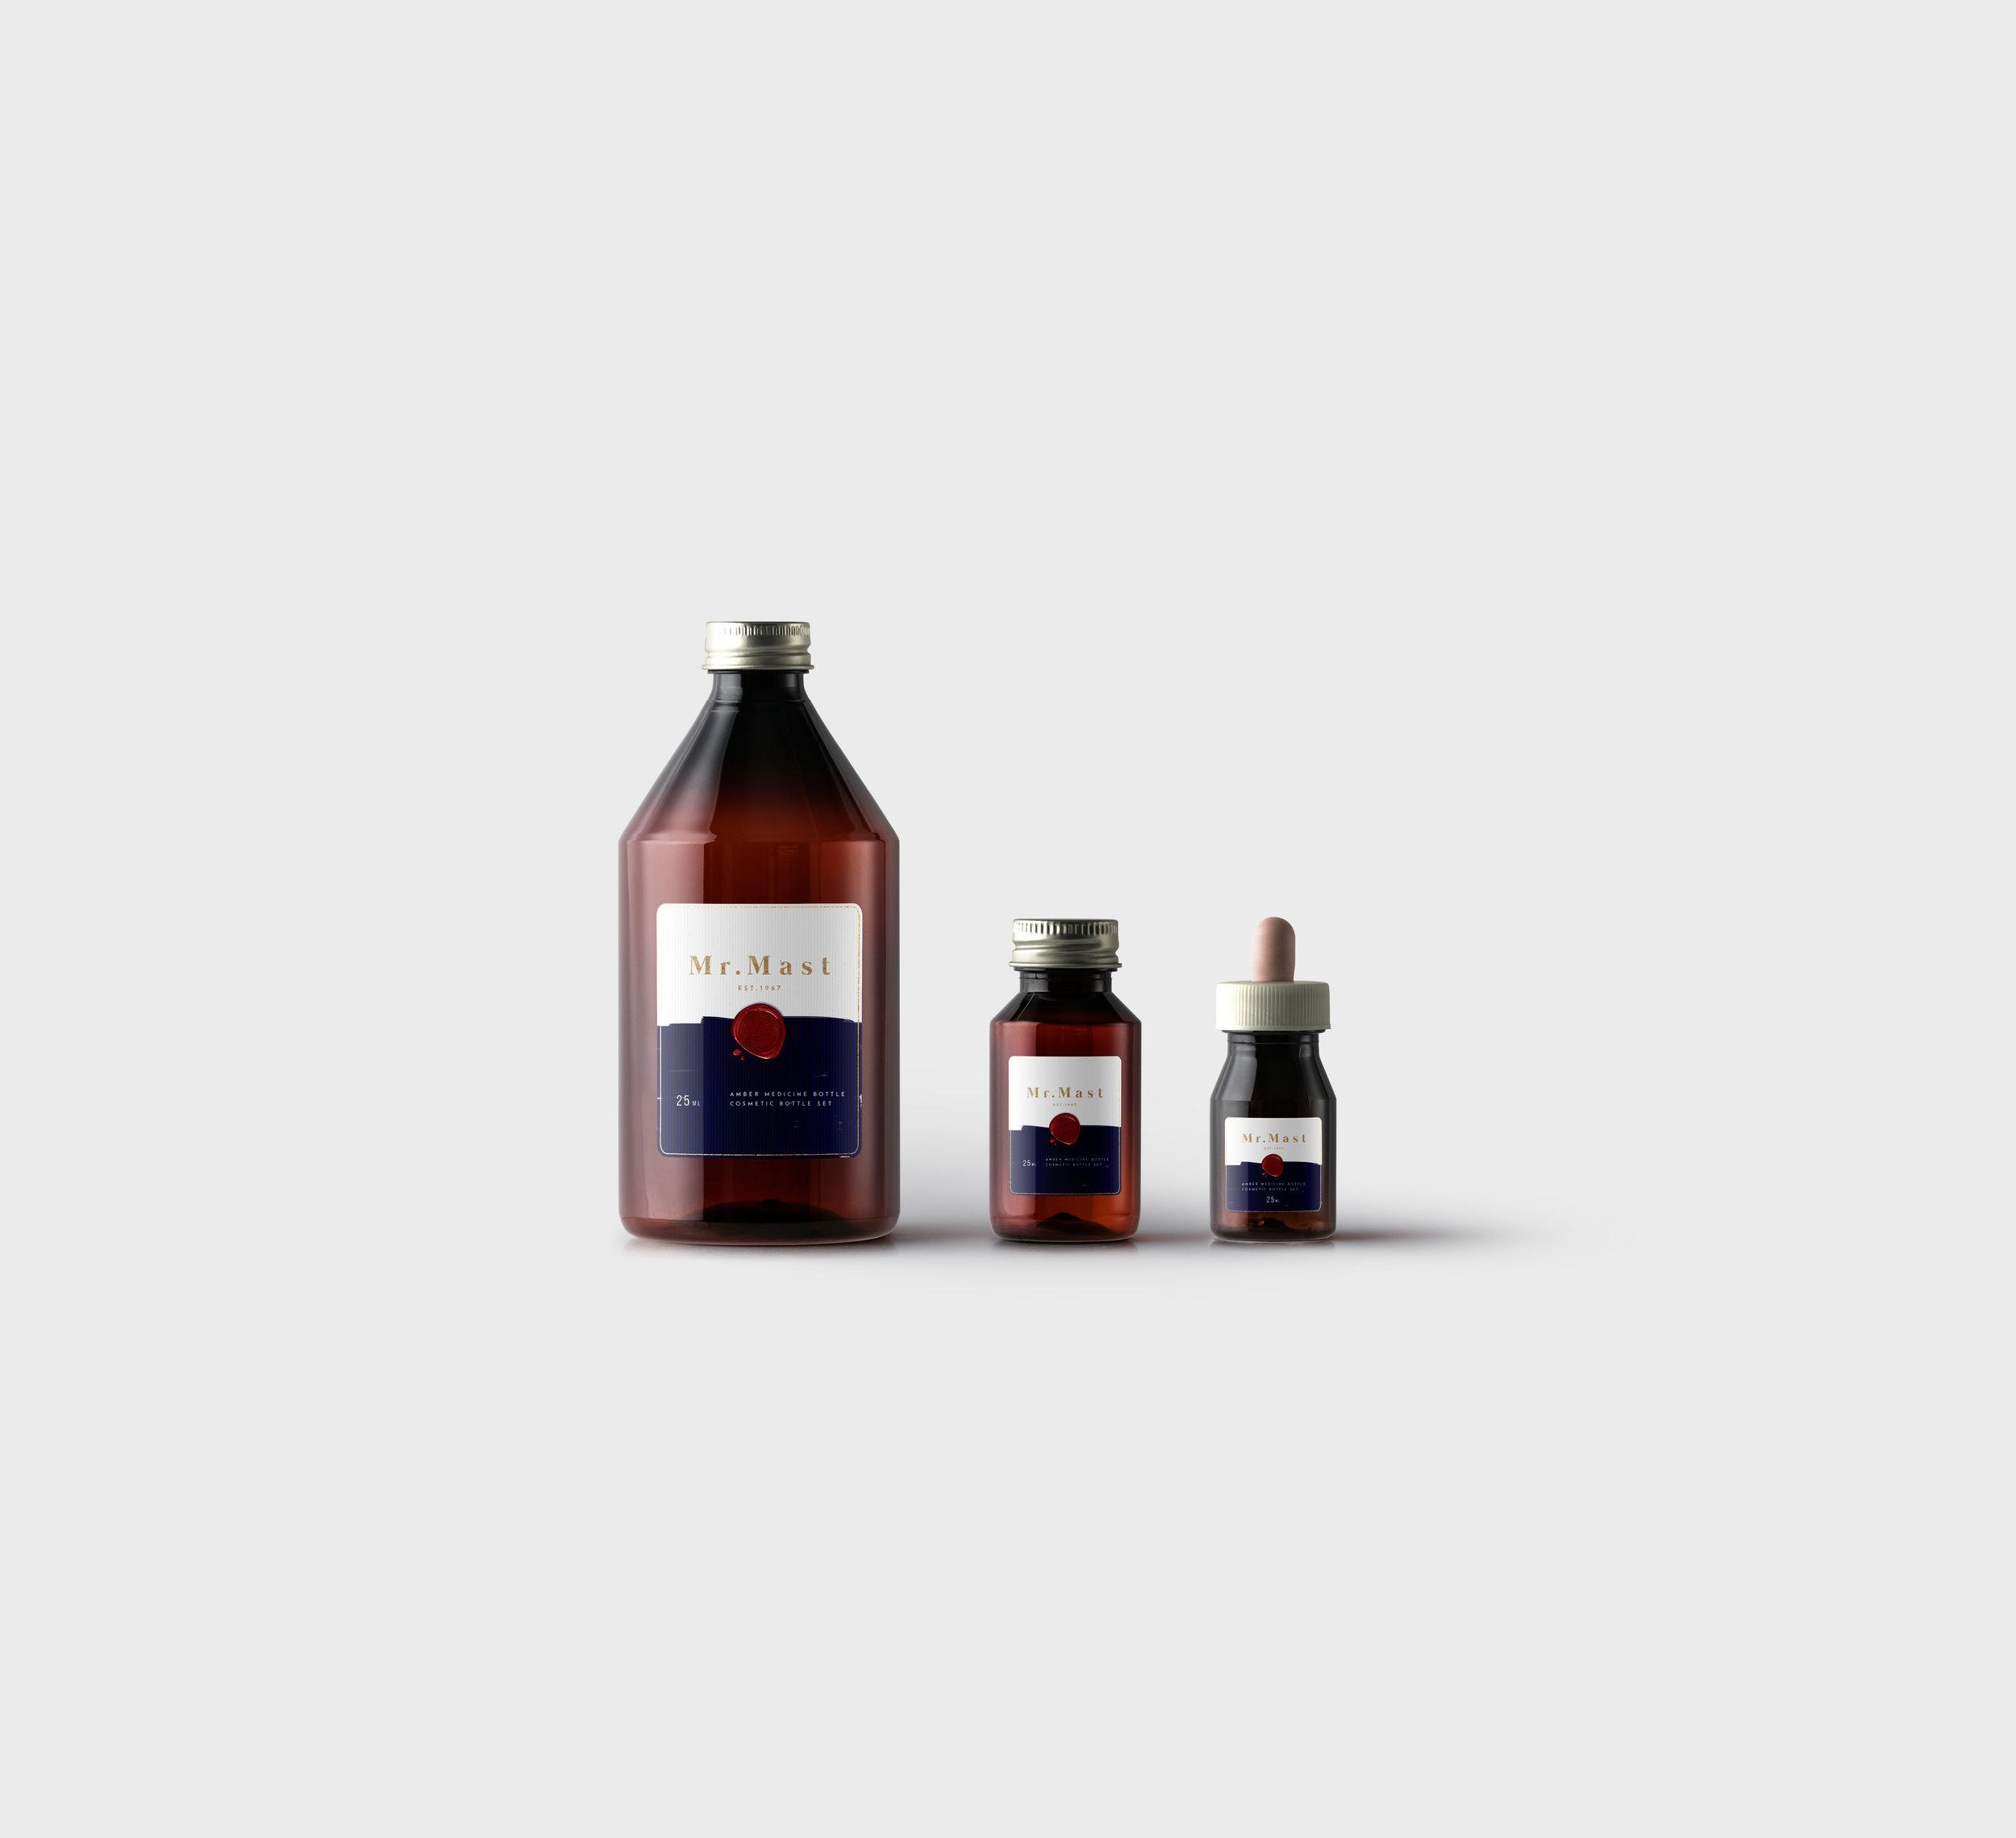 Amber-Medicine-Bottle-Set-Mockup.jpg